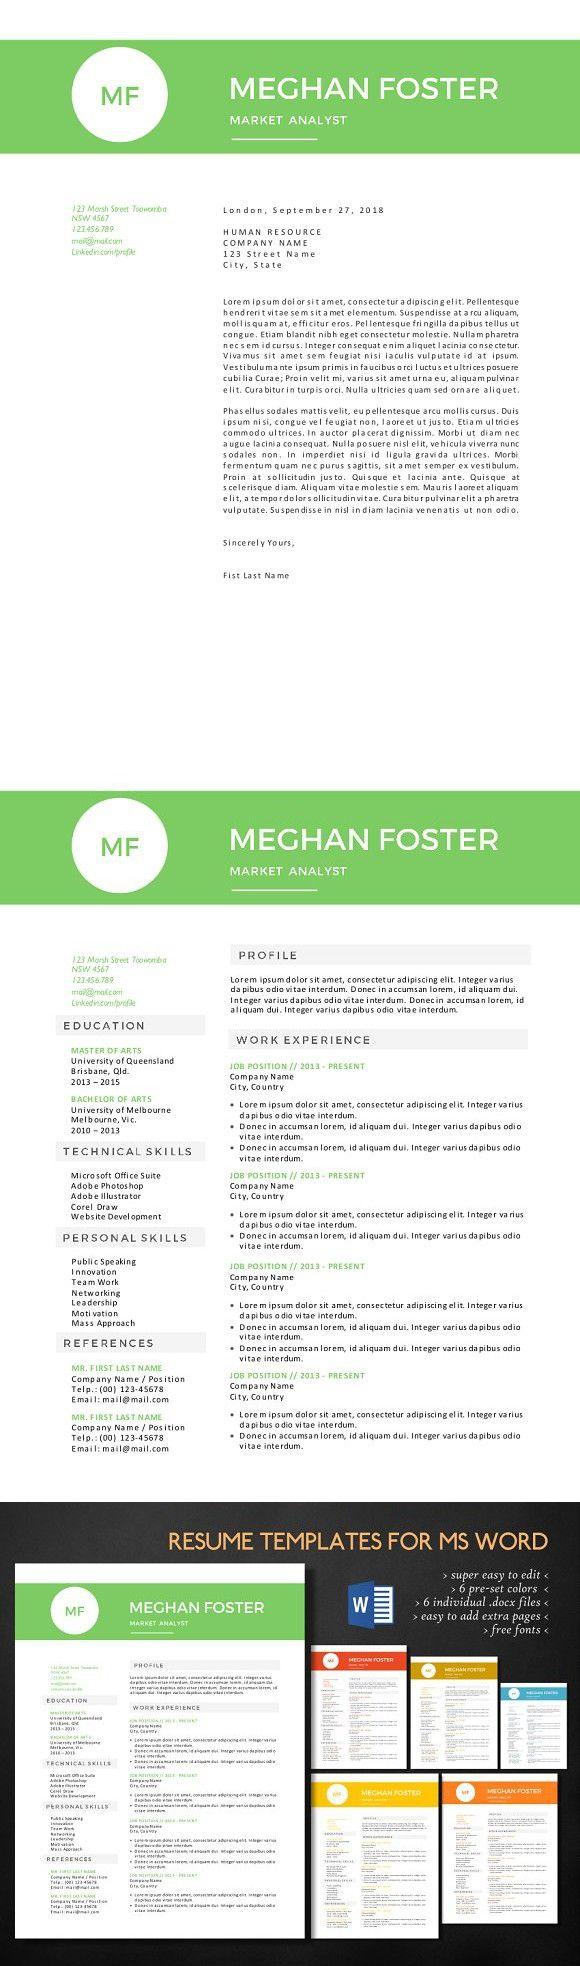 Clean 2 in 1 docx resume resumedesignformsword